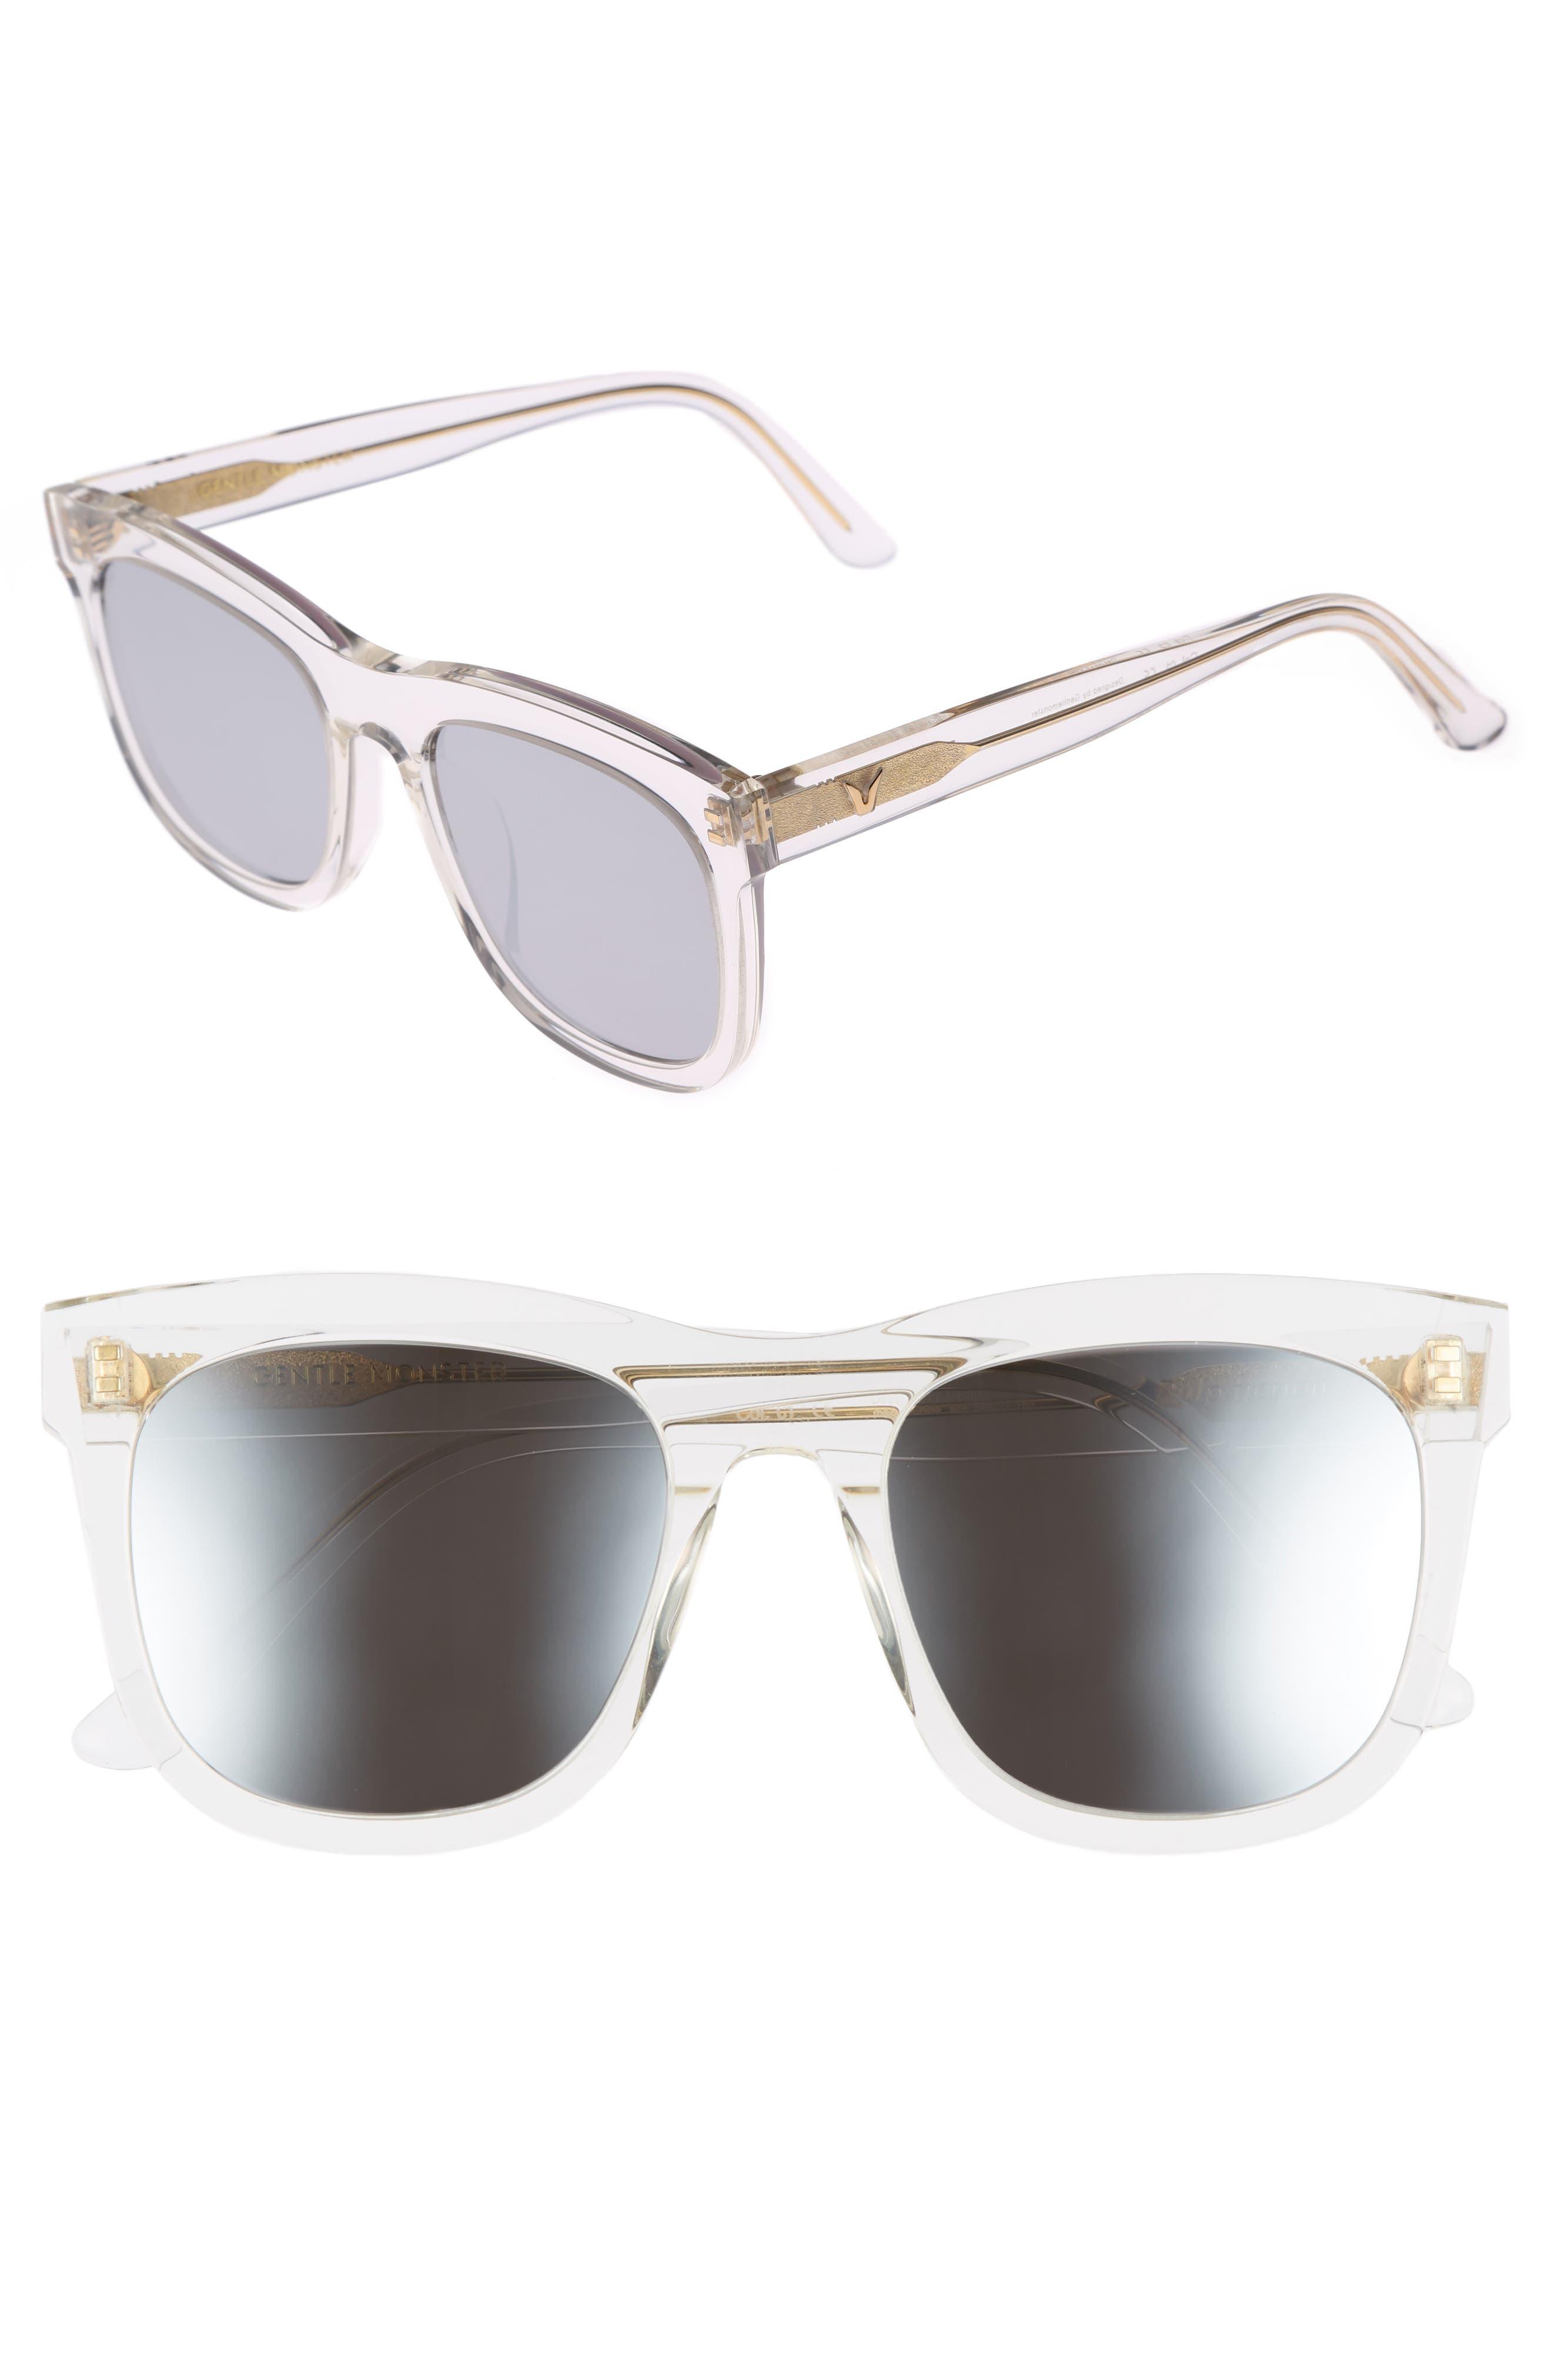 Pulp Fiction 54mm Sunglasses,                             Main thumbnail 1, color,                             100